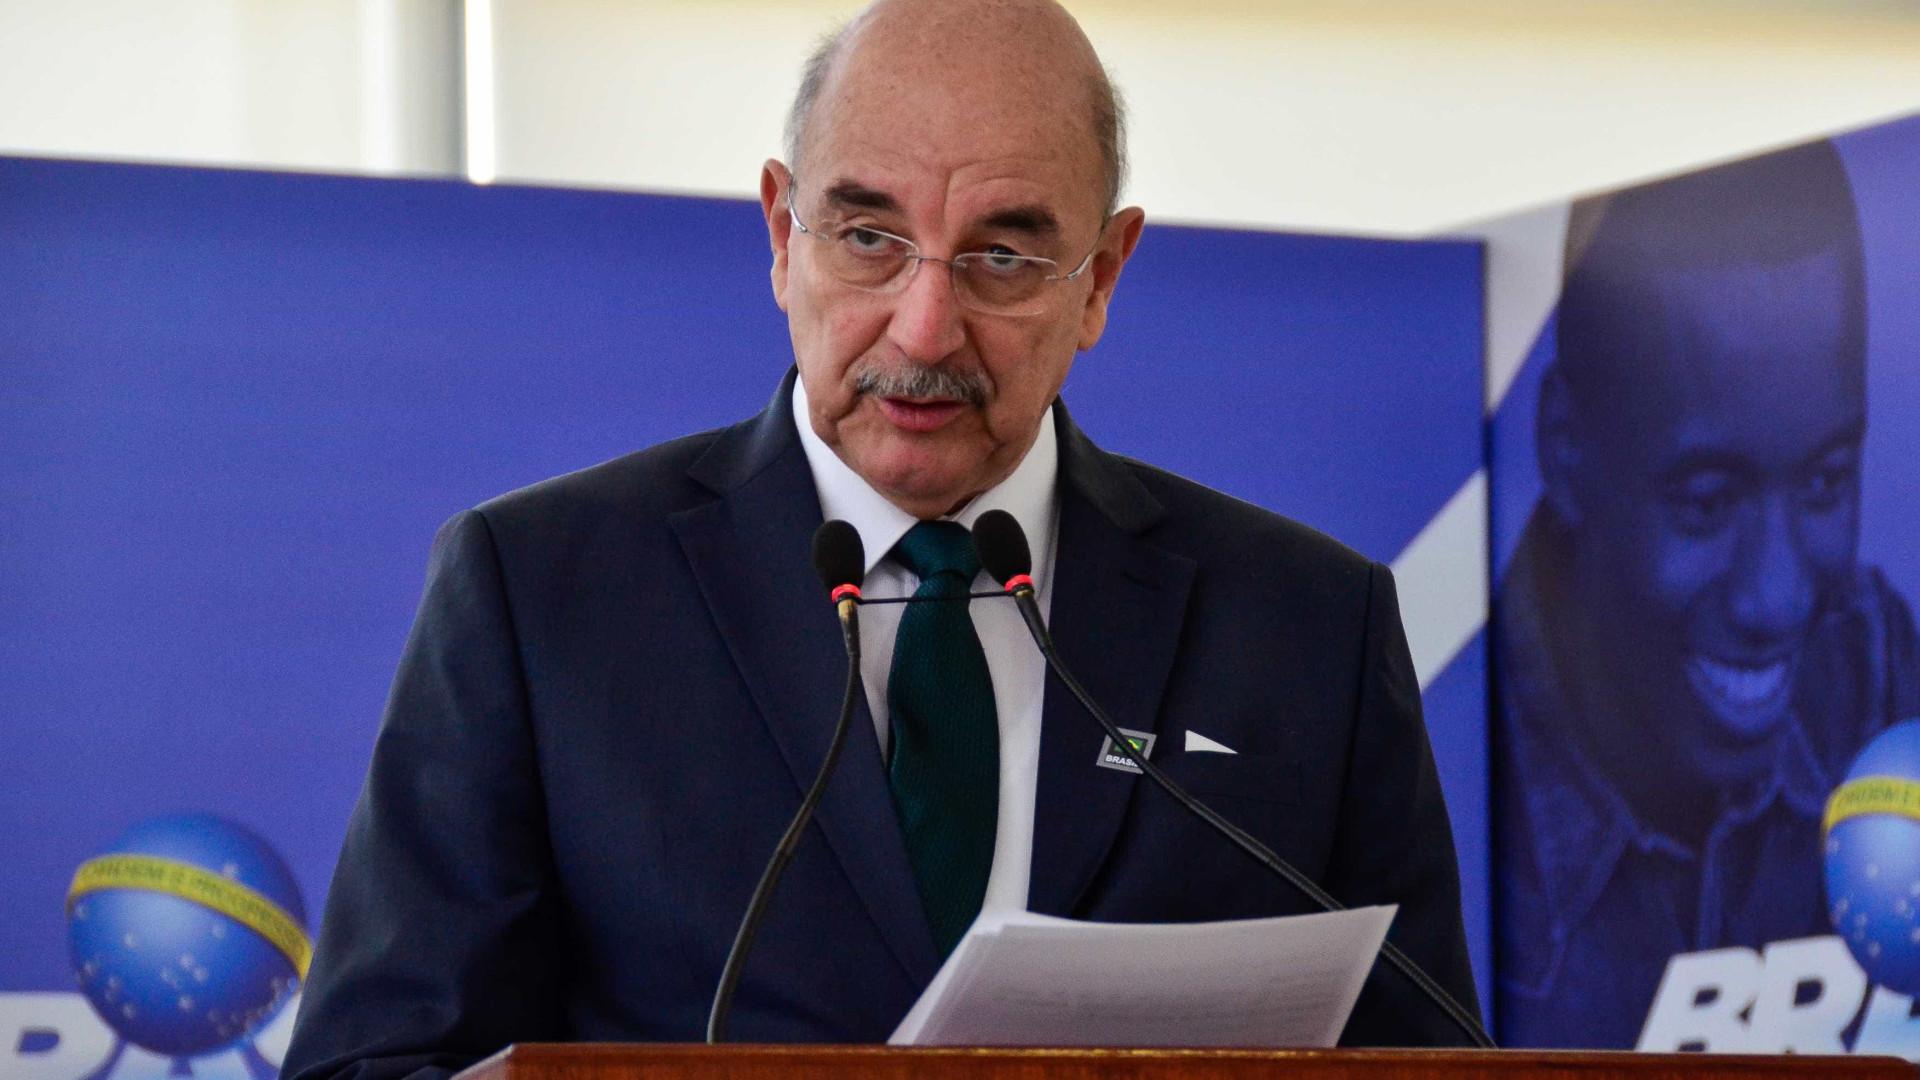 'Drogas ou transtorno mental', diz ministro sobre autores de ataque